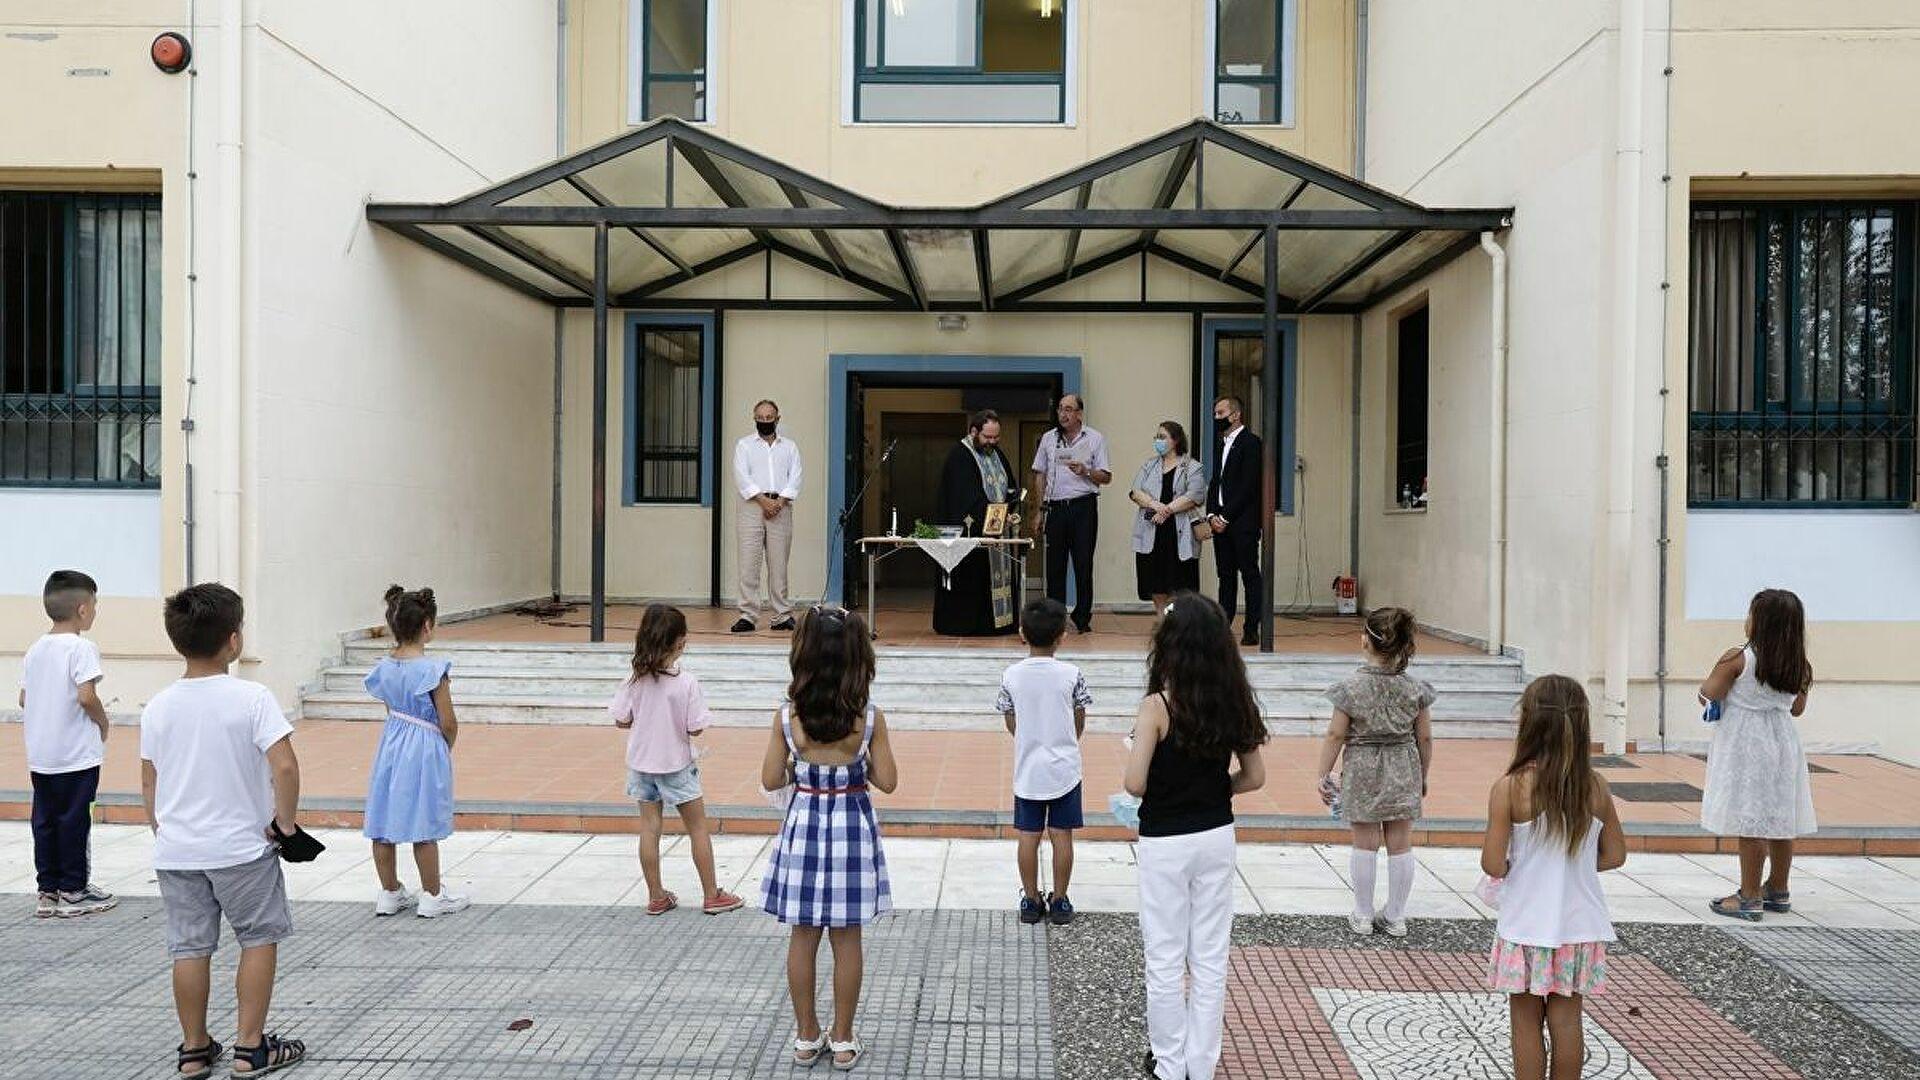 Άνοιγμα σχολείων: Πώς θα γίνει ο αγιασμός – Η εγκύκλιος του υπουργείου Παιδείας